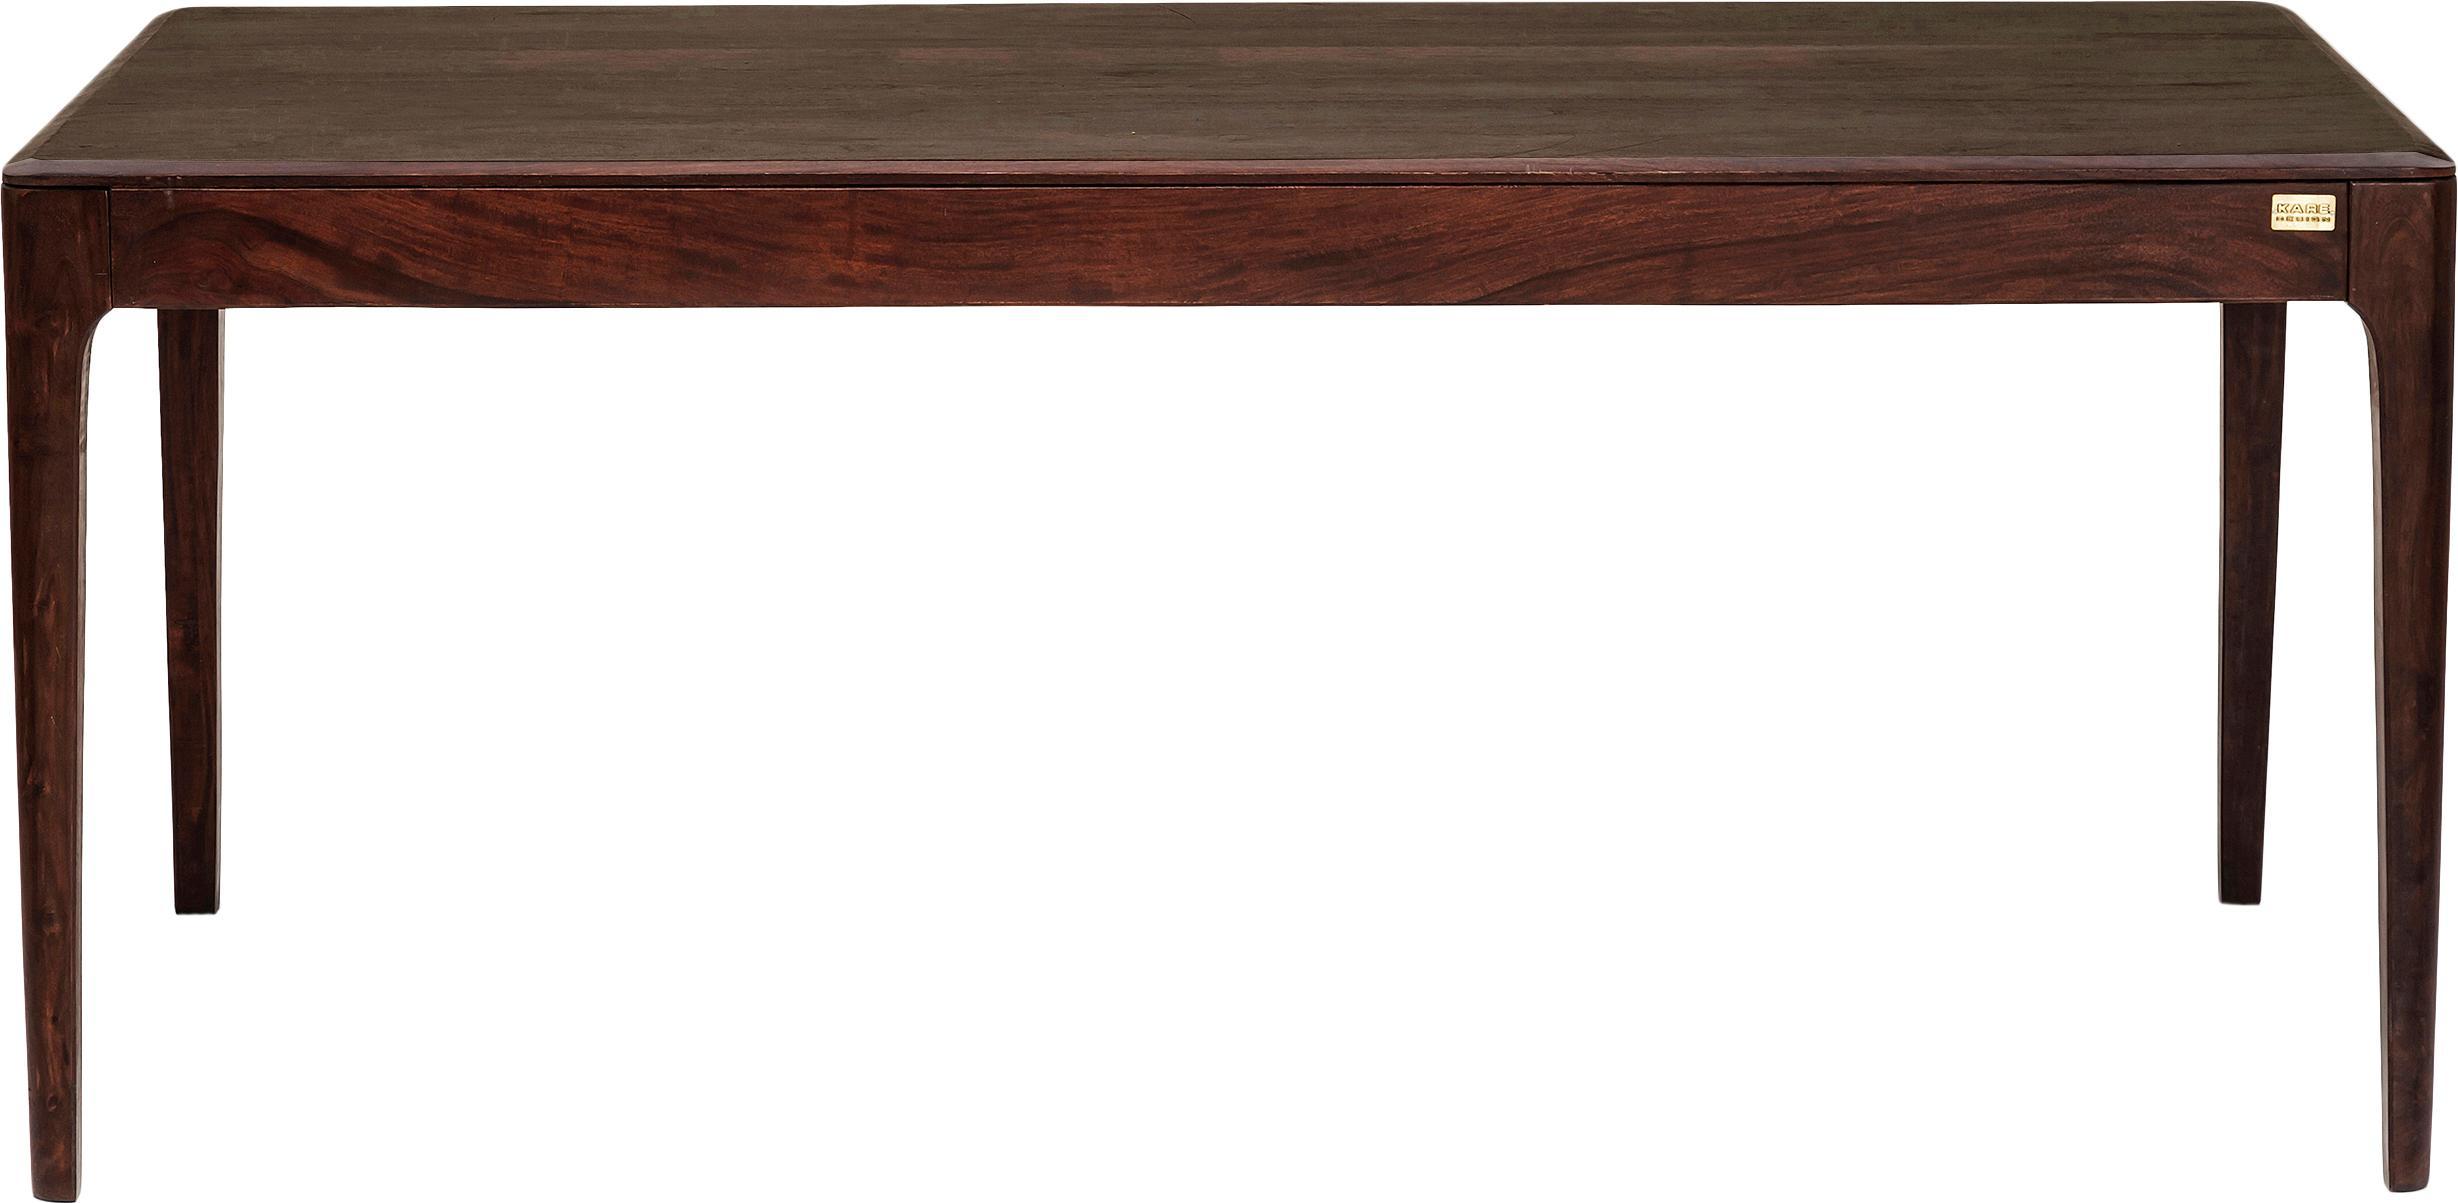 Massivholz Esstisch Brooklyn, Sheeshamholz, egalisierte Beize mit Wasserlack in Nussbaumfarben, Nussbaumfarben, B 200 x T 100 cm